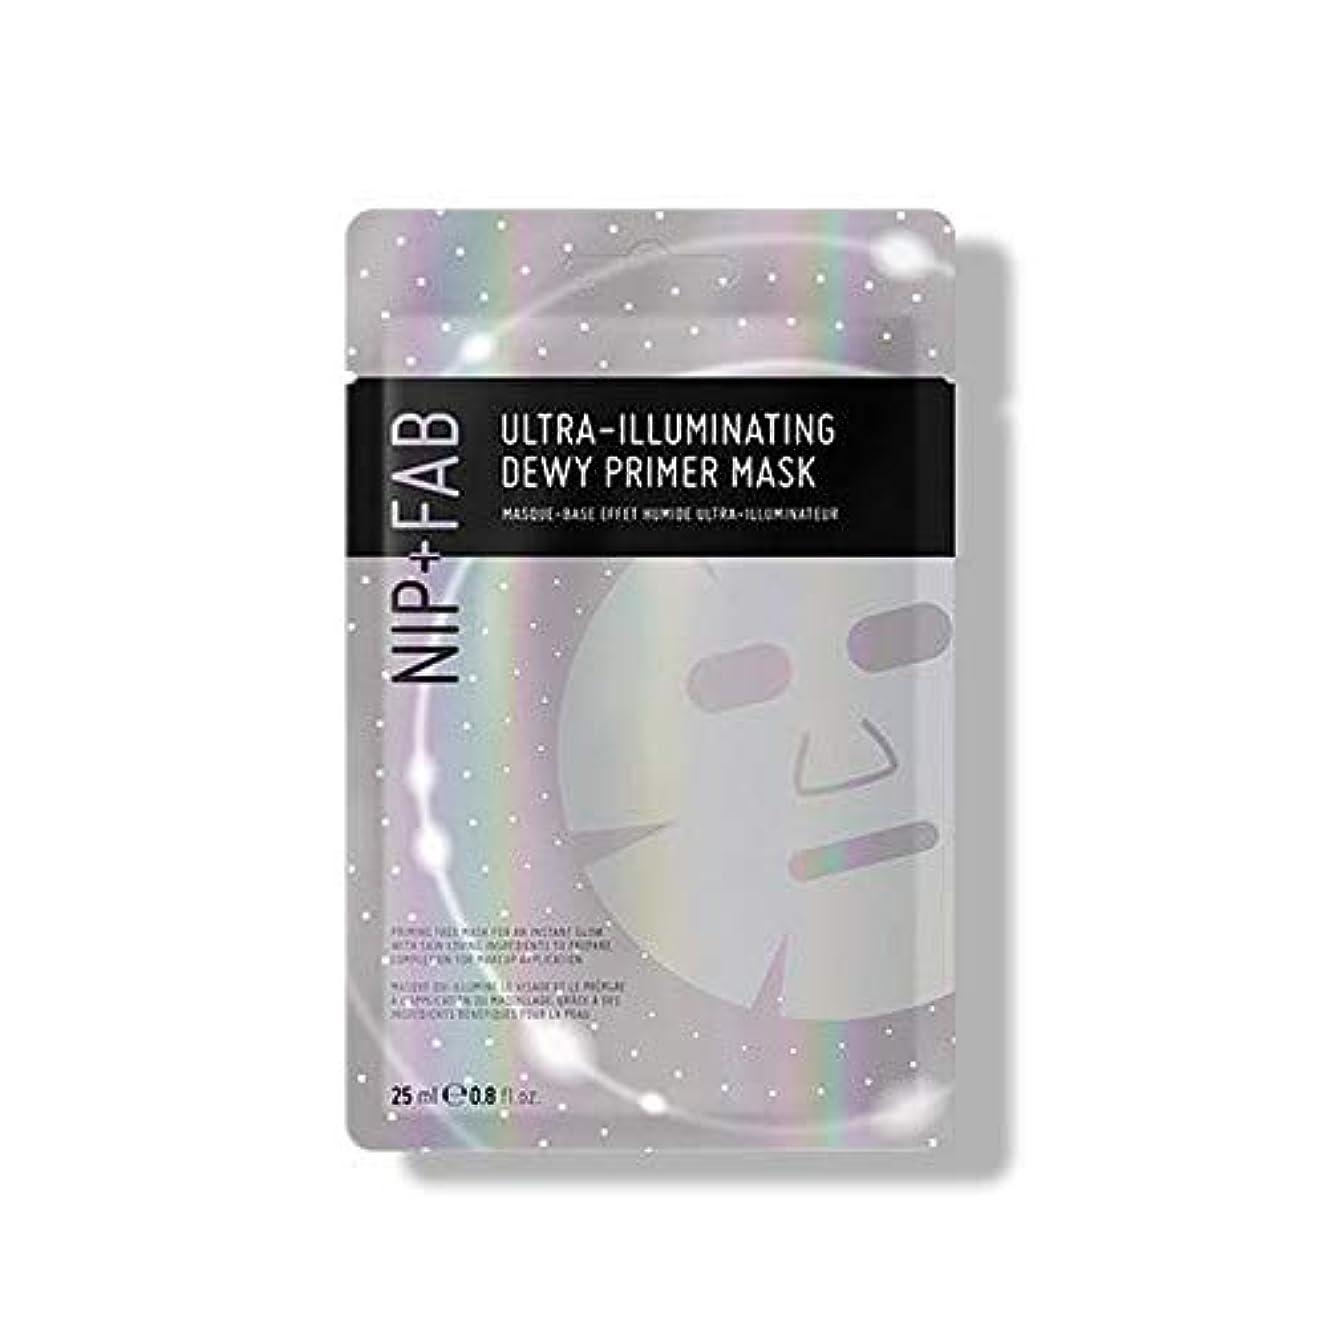 聴覚障害者勧告頼む[Nip & Fab] 超照明結露プライマーマスク25ミリリットルを作るFab +ニップ - NIP+FAB Make Up Ultra-Illuminating Dewy Primer Mask 25ml [並行輸入品]